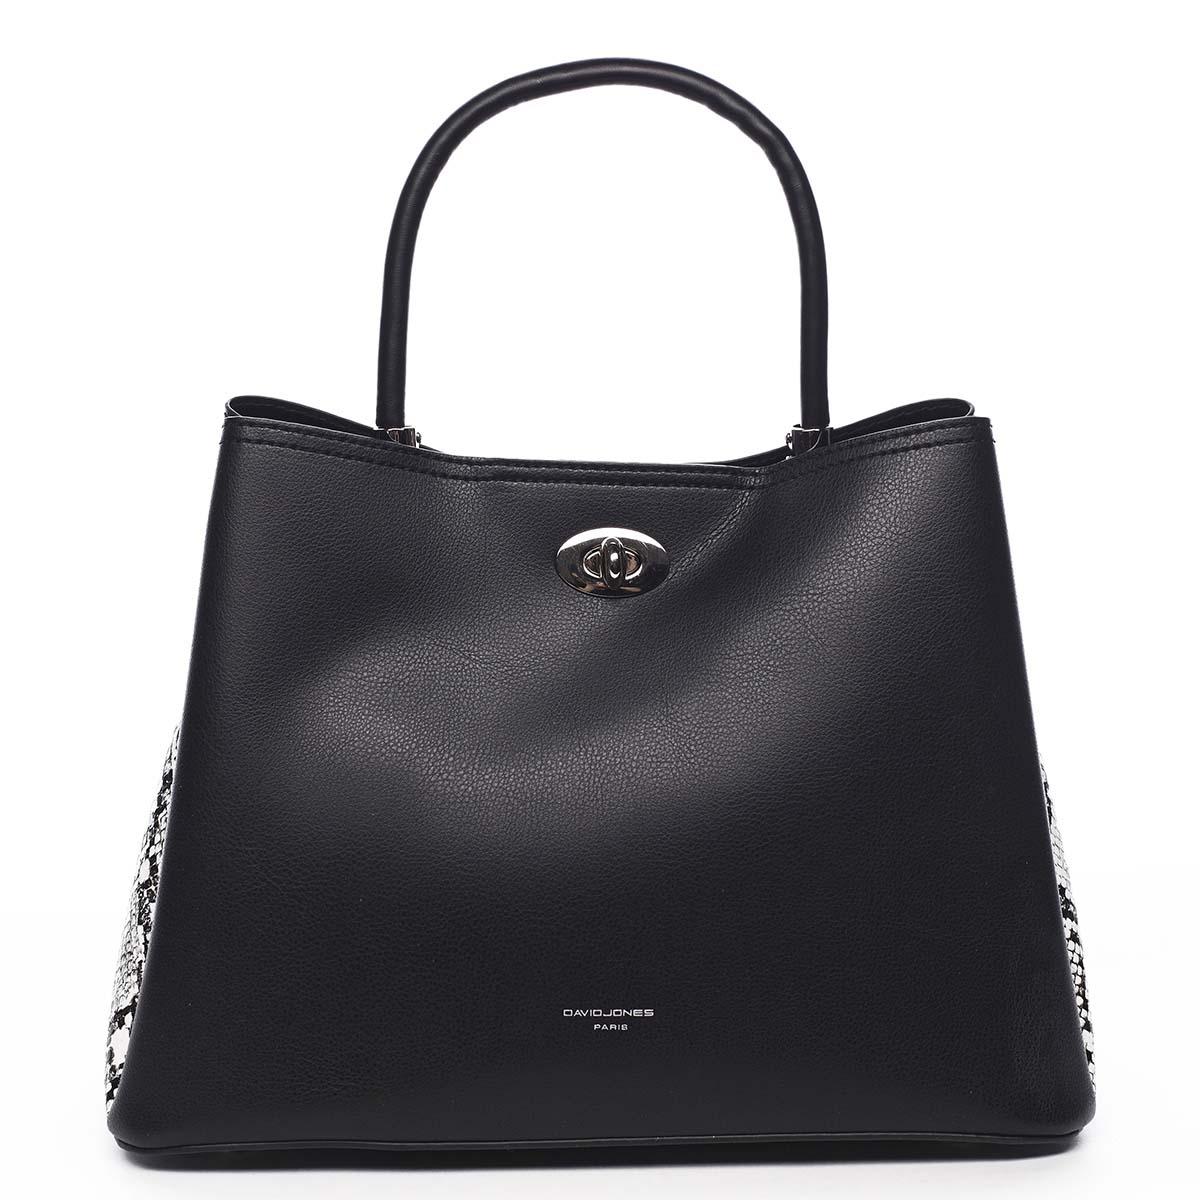 Dámska kabelka čierna - David Jones Prestique čierna